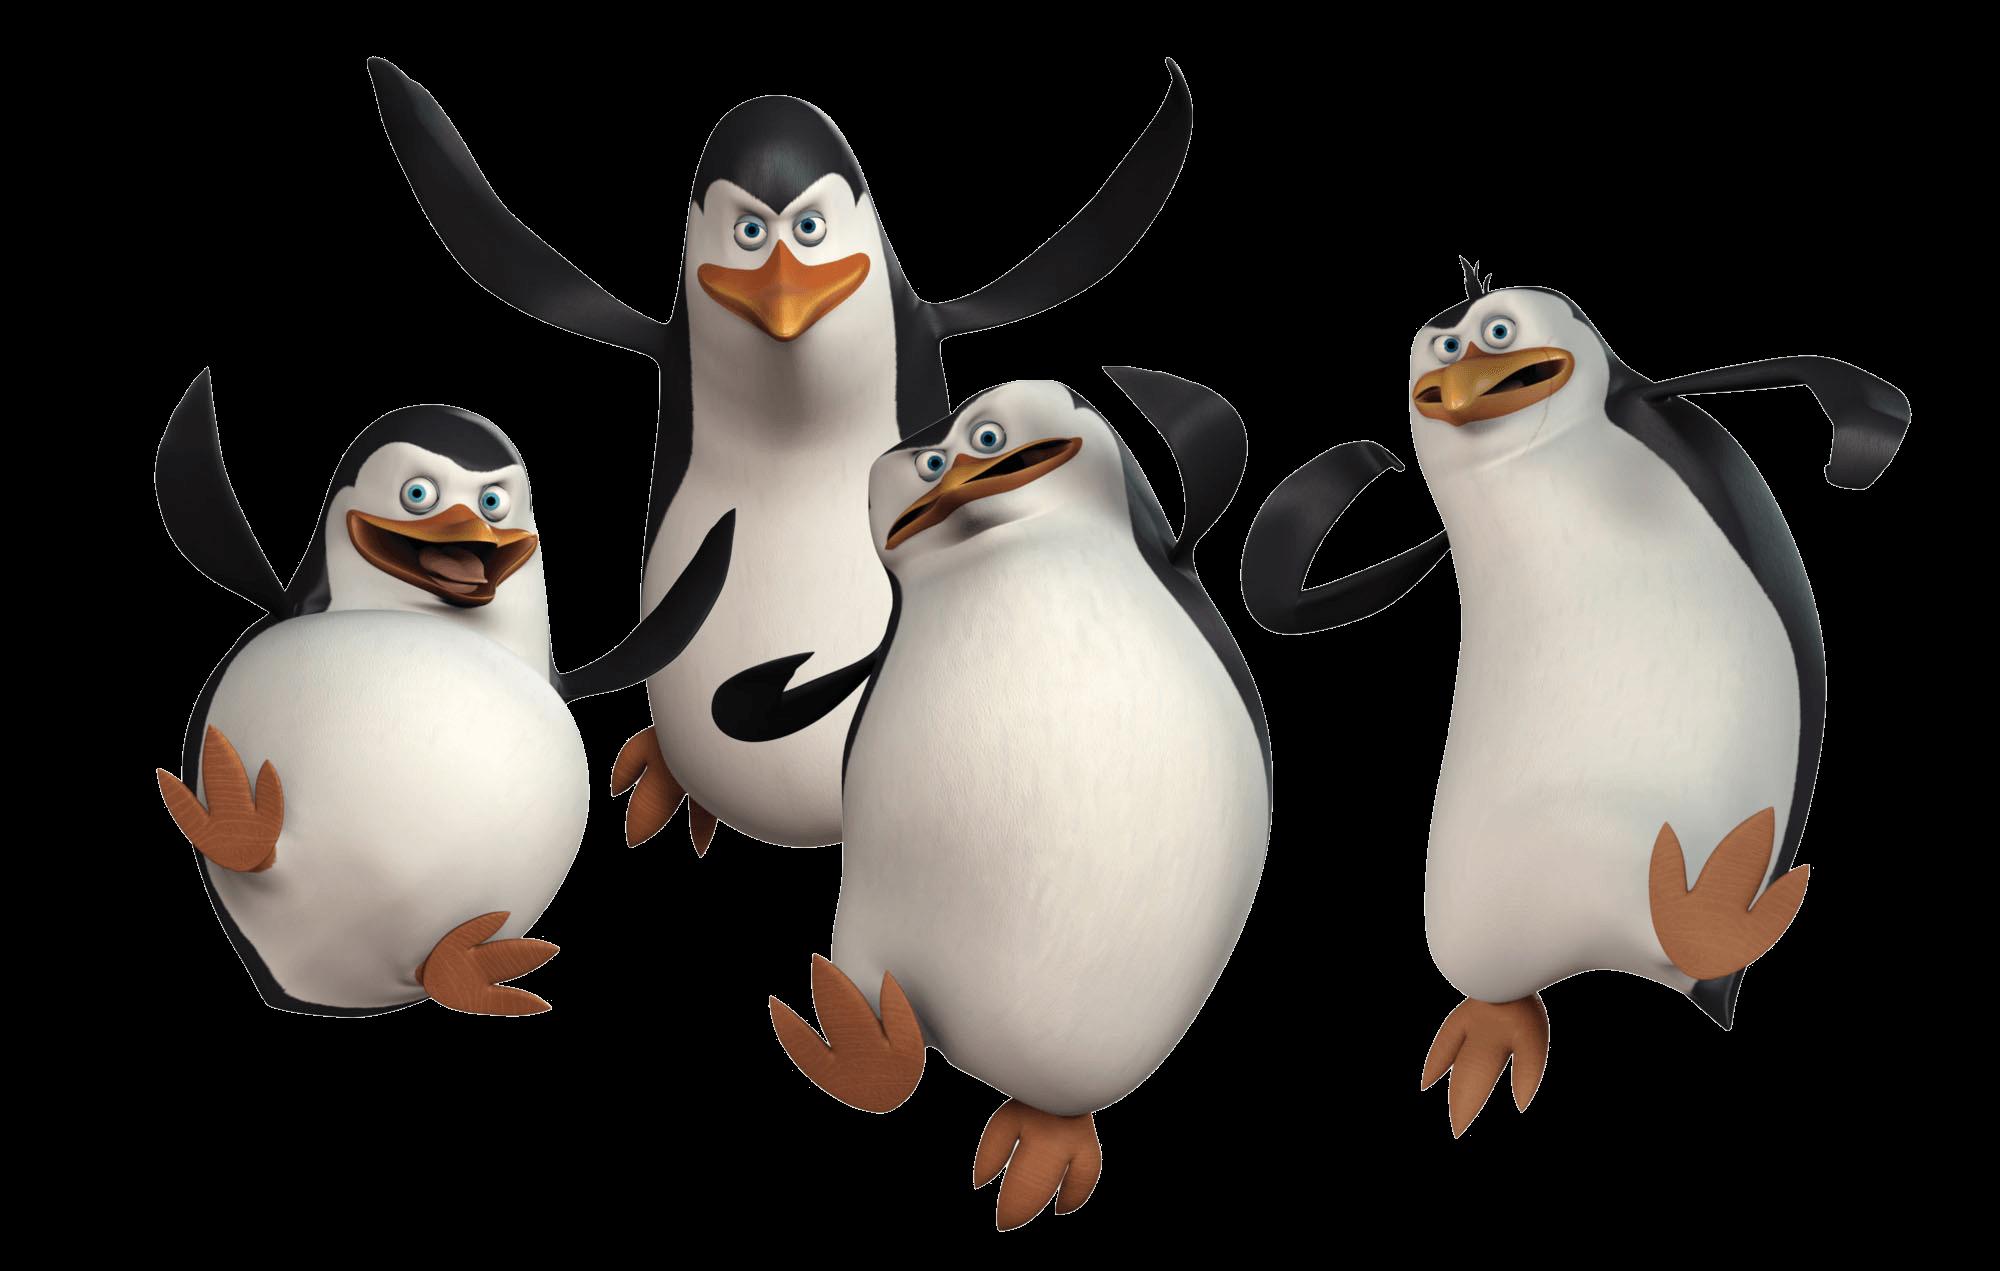 Penguins of madagascar united attack